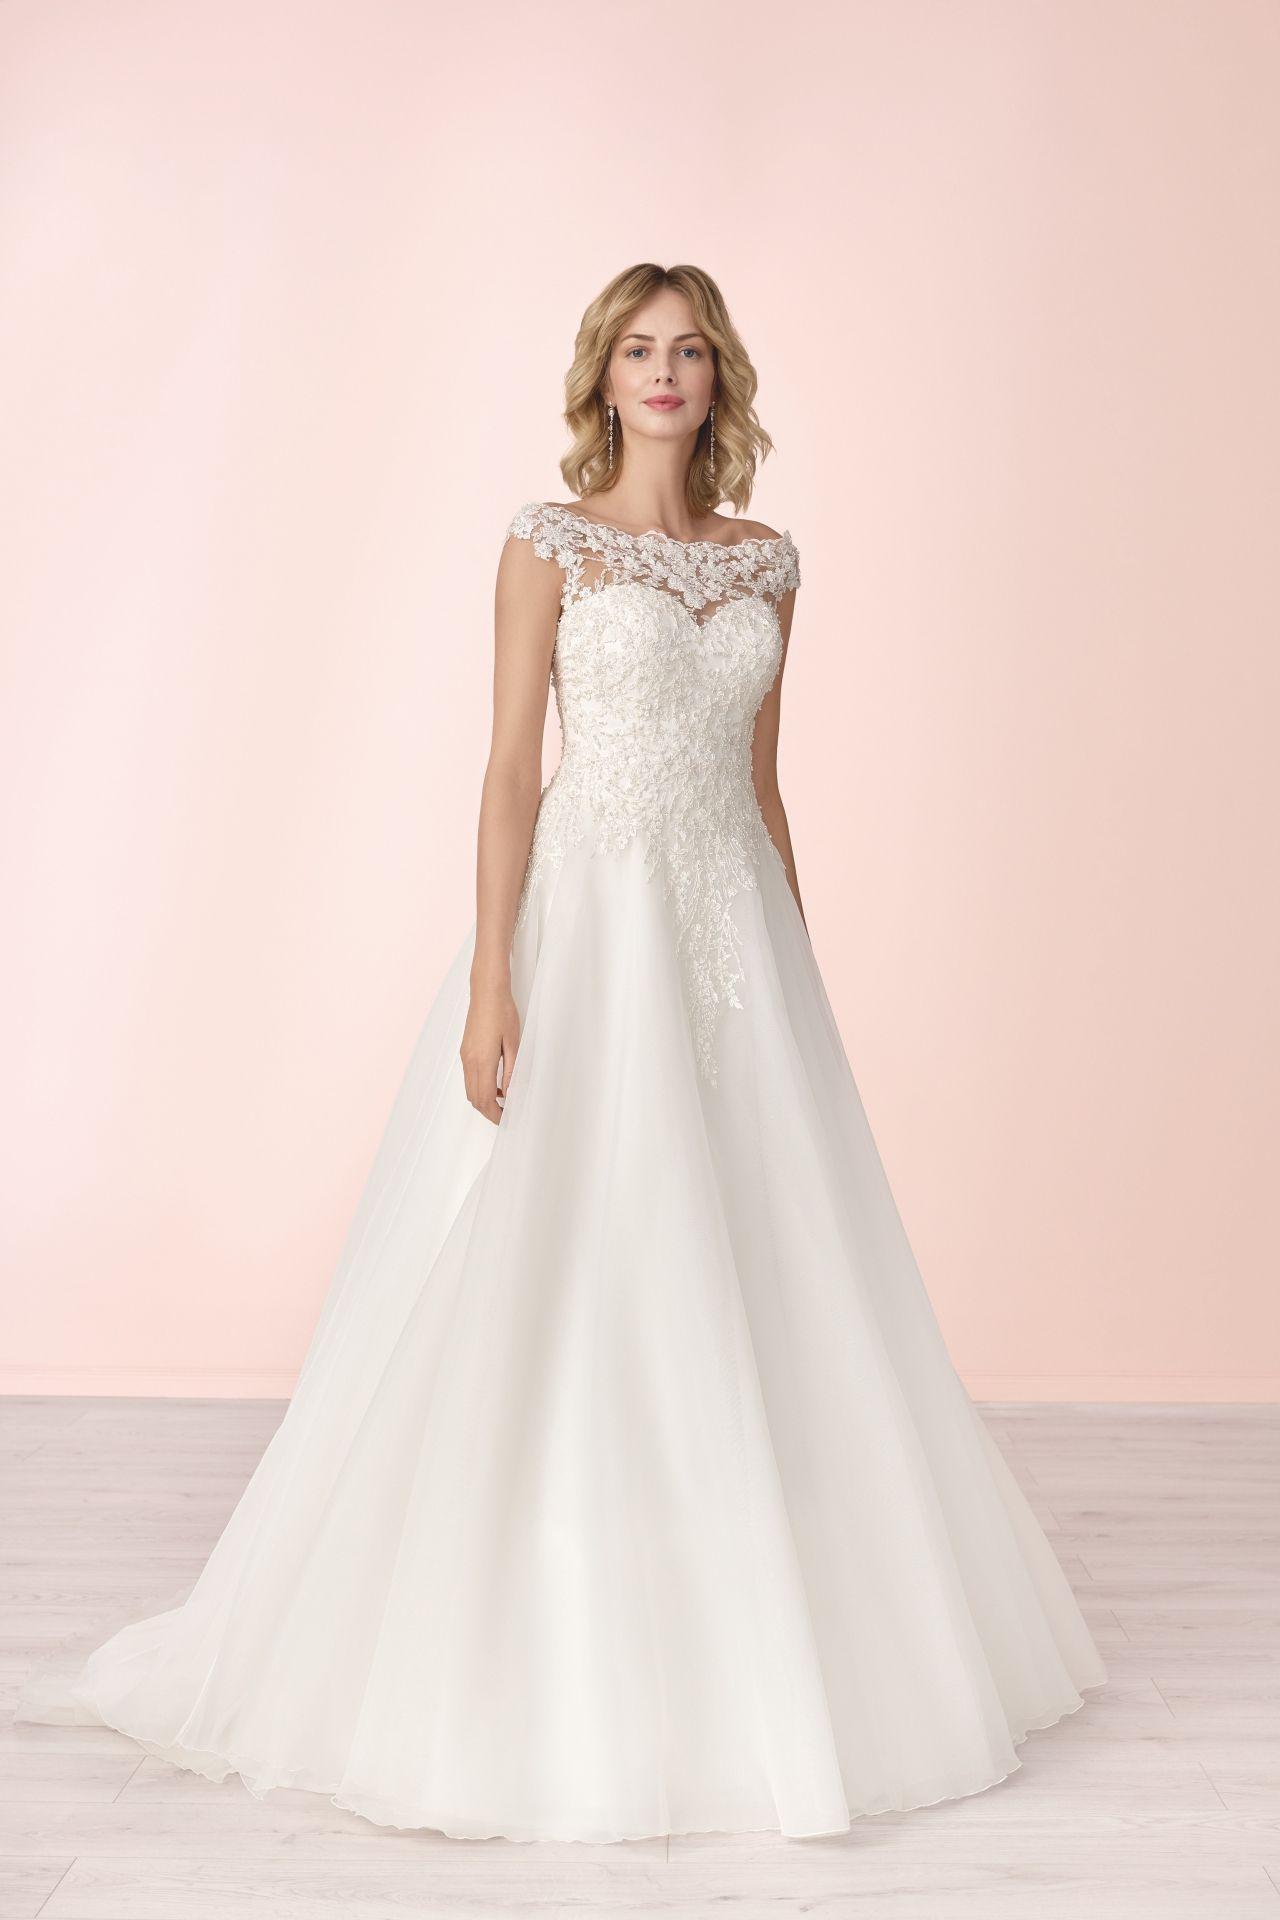 Elizabeth Passion 11  Kleid hochzeit, Hochzeitskleid elegant